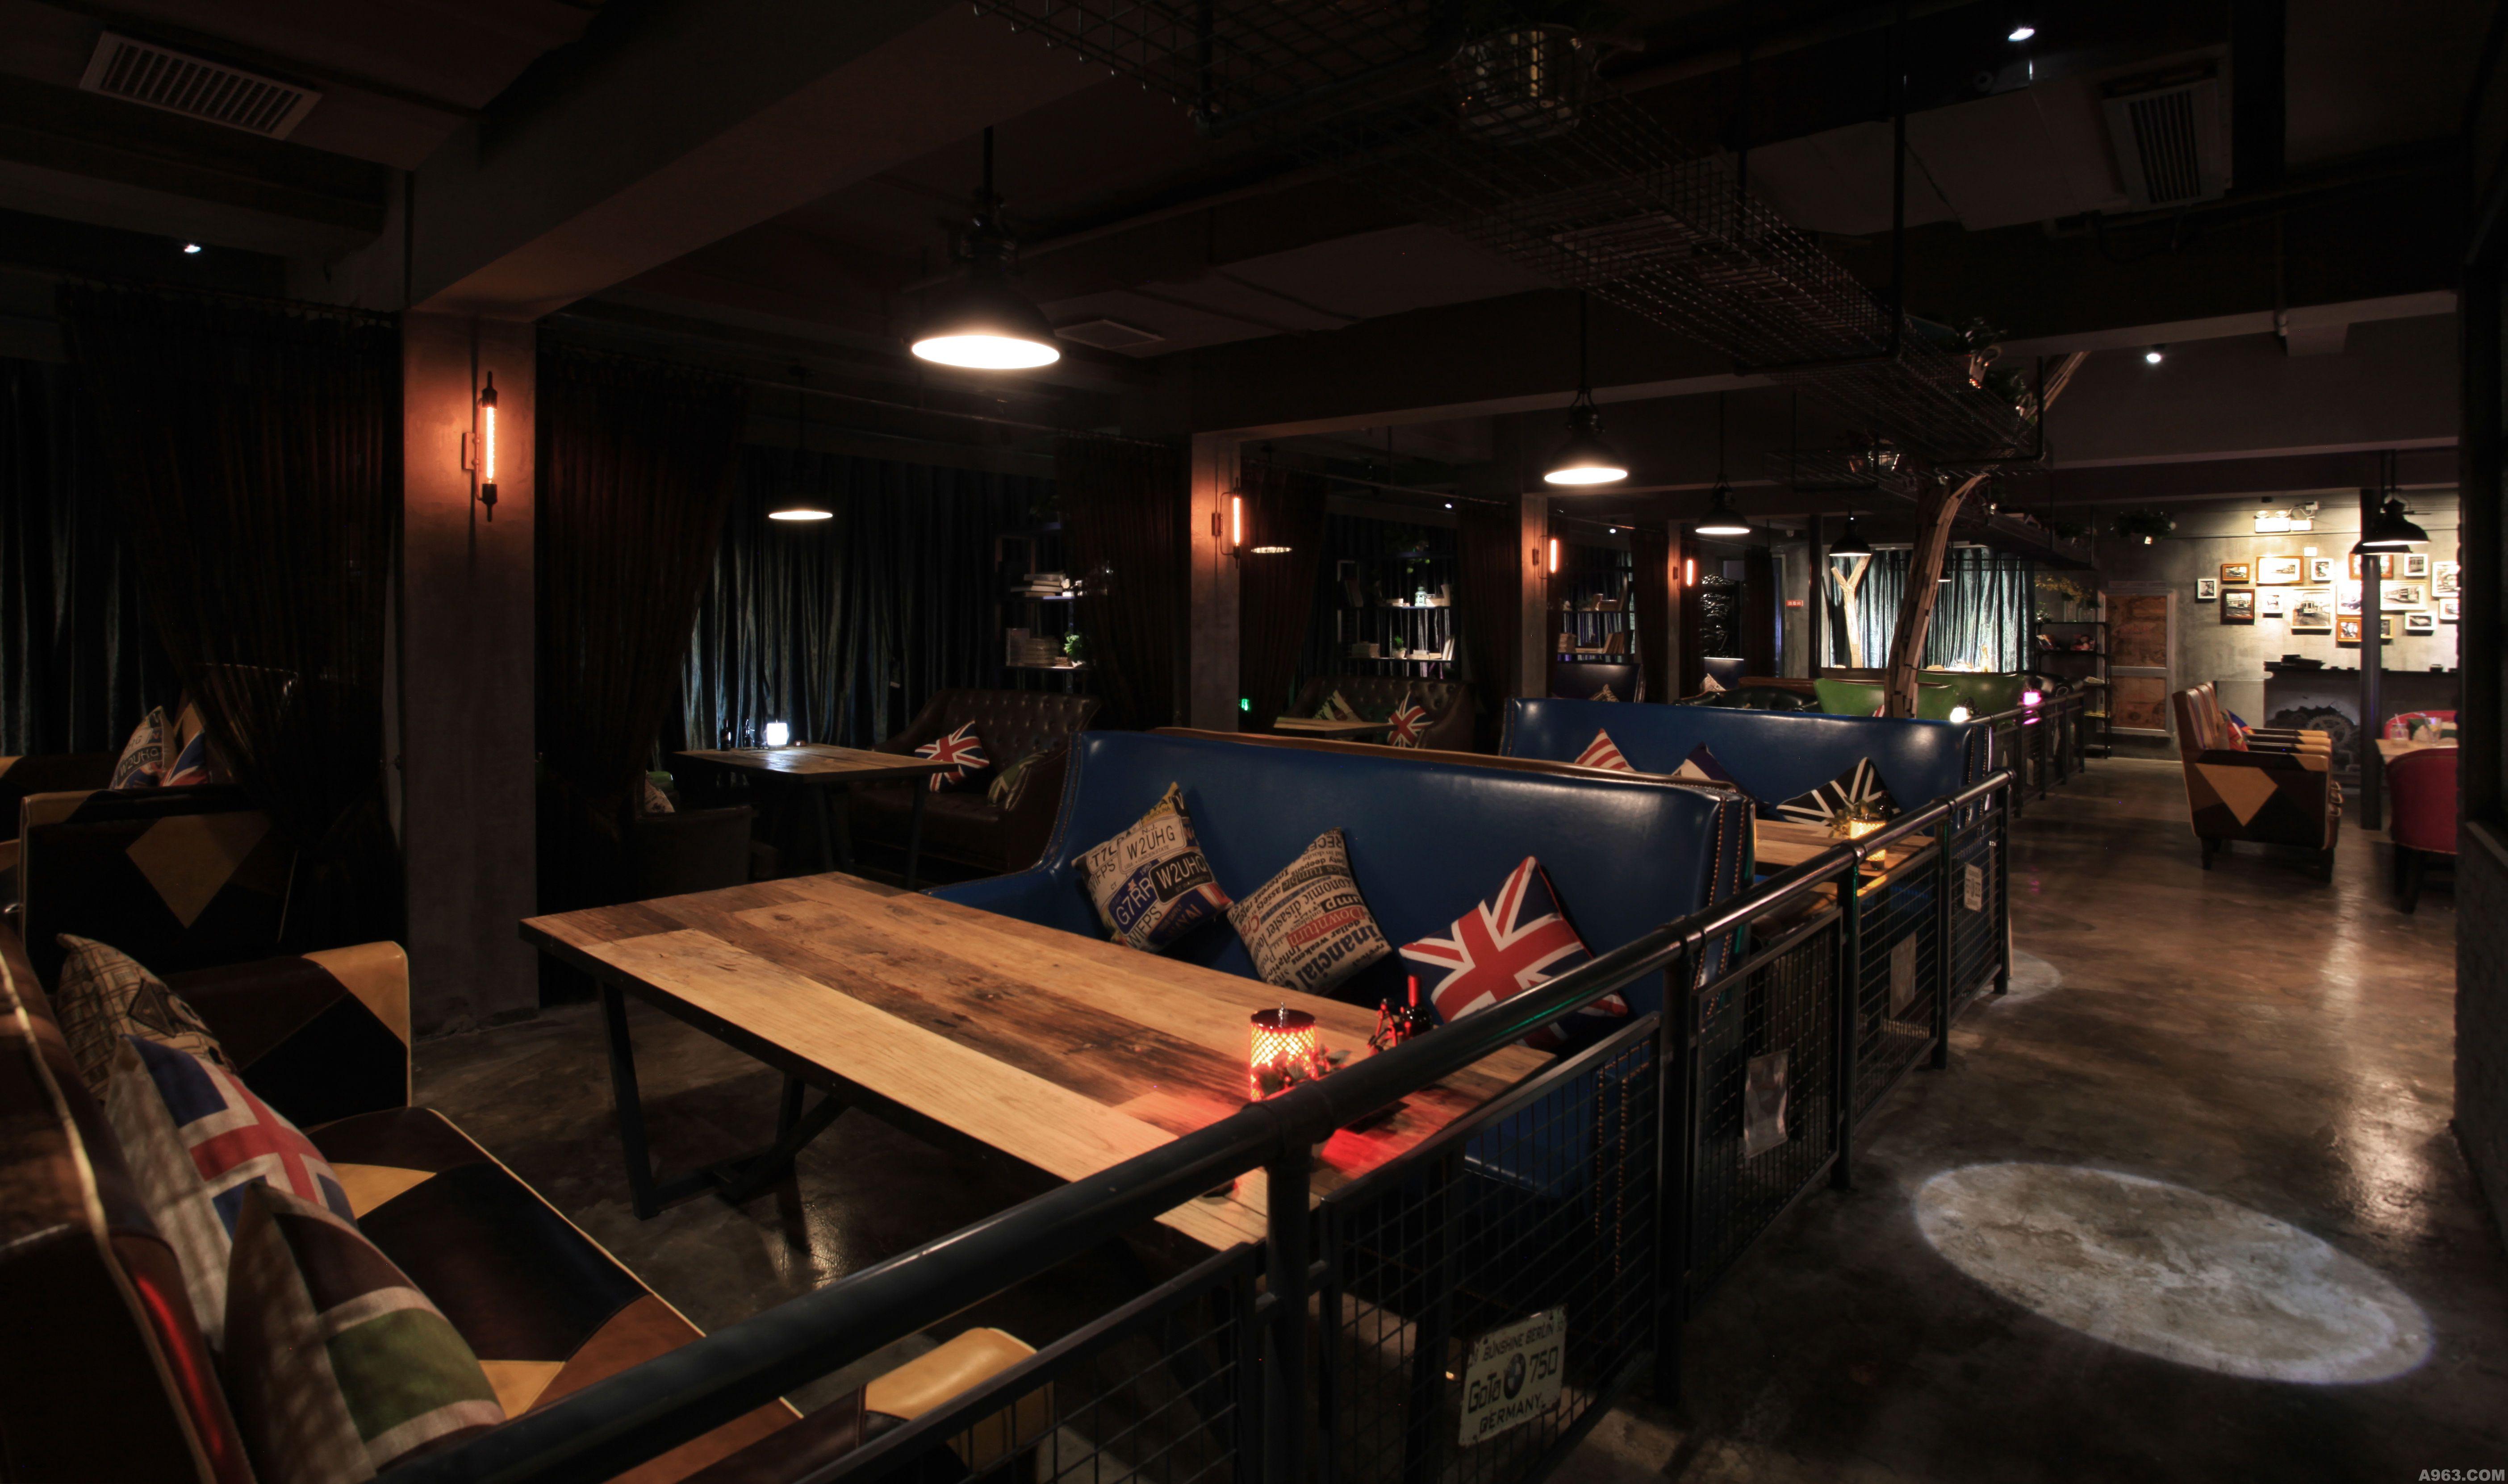 餐厅计算公式 餐厅吧台装修效果图 家庭餐厅装修效果图 厨房餐厅隔断